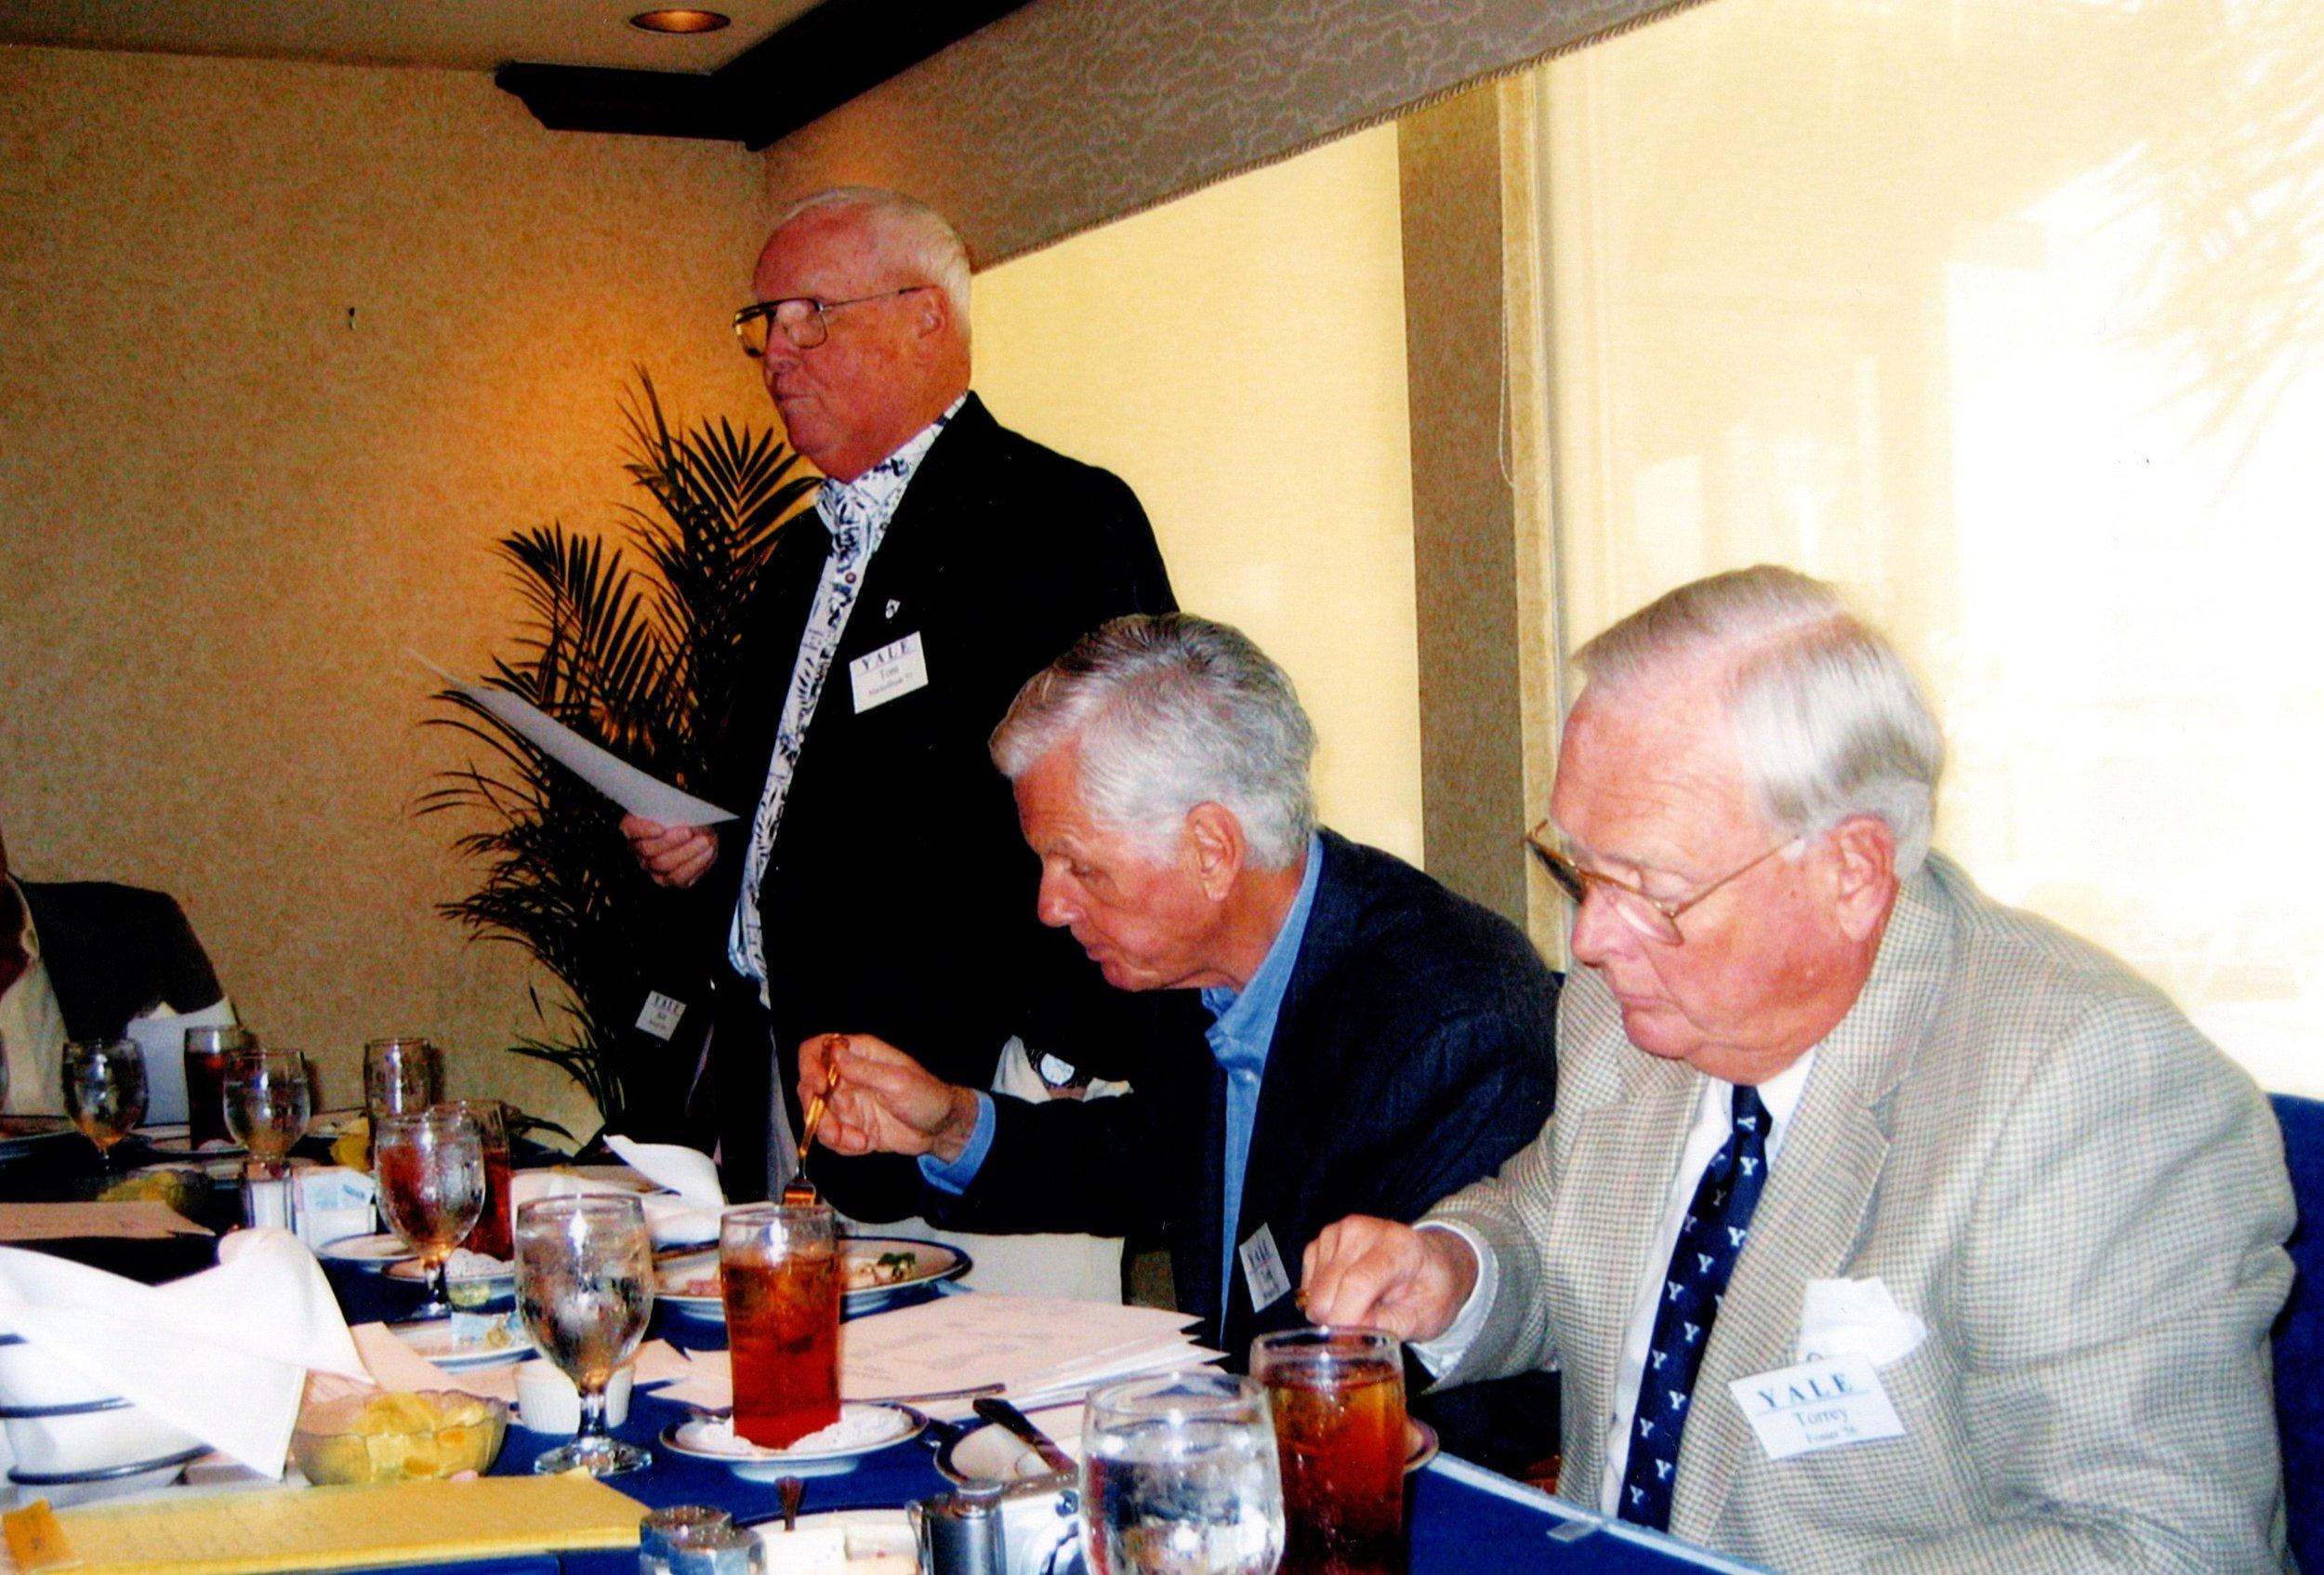 11_11_2004 - ANNUAL MEETING OF MEMBERS - NAPLES YACHT CLUB 15.jpg